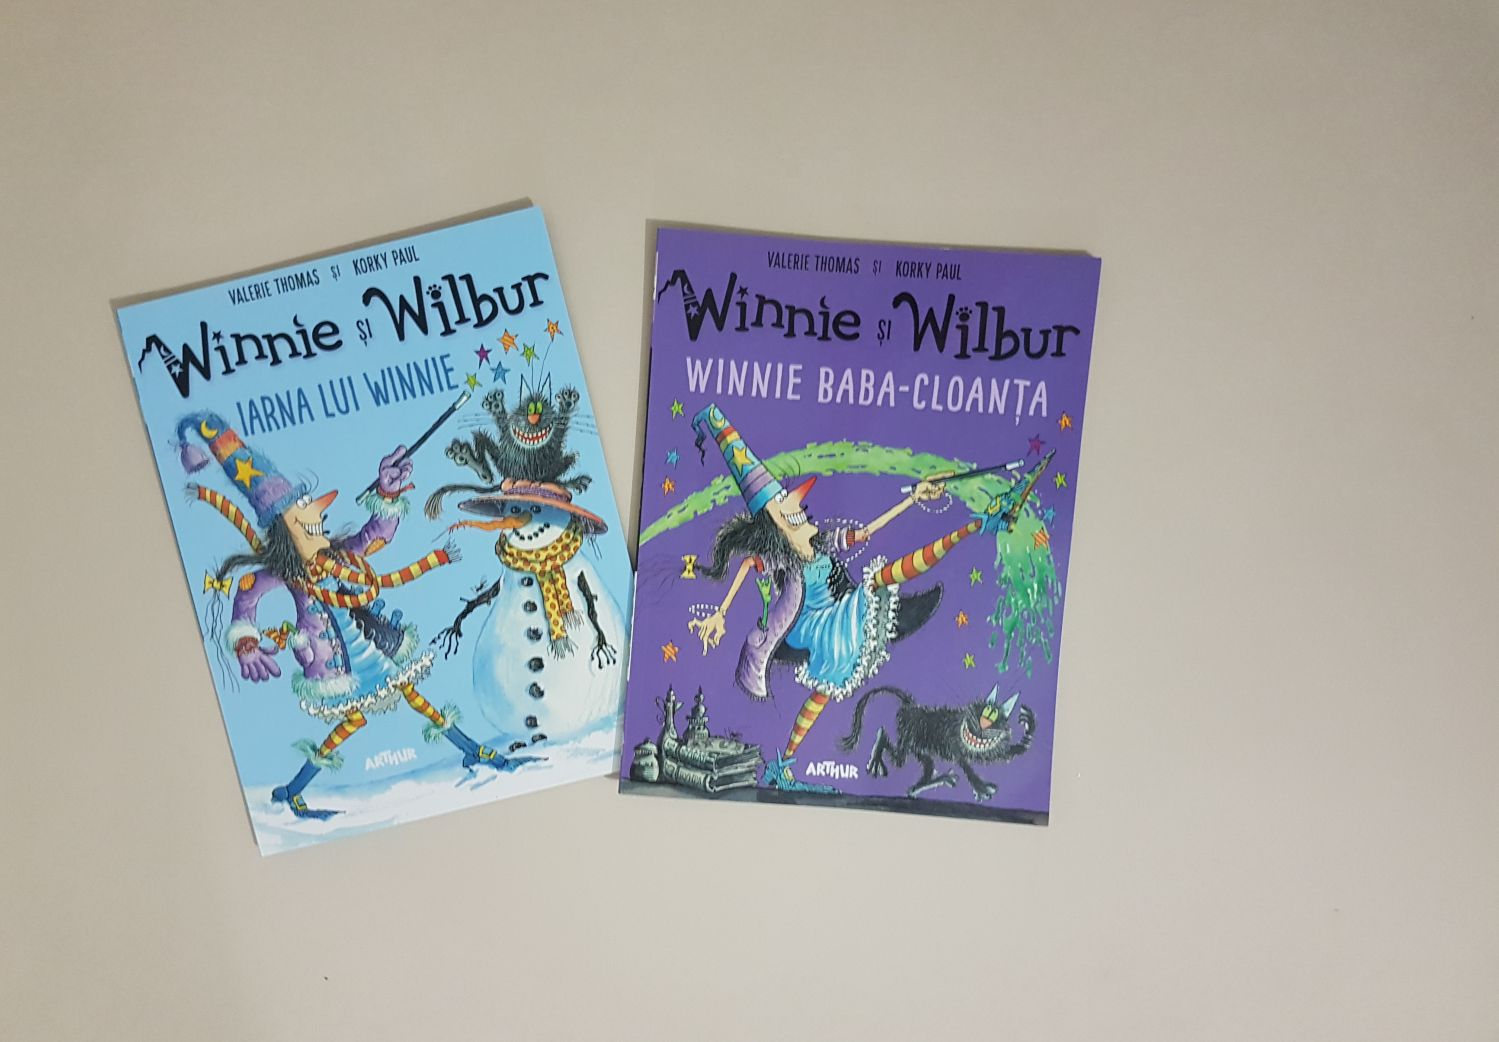 Winnie și Wilbur. 2 cărți minunate pentru copii